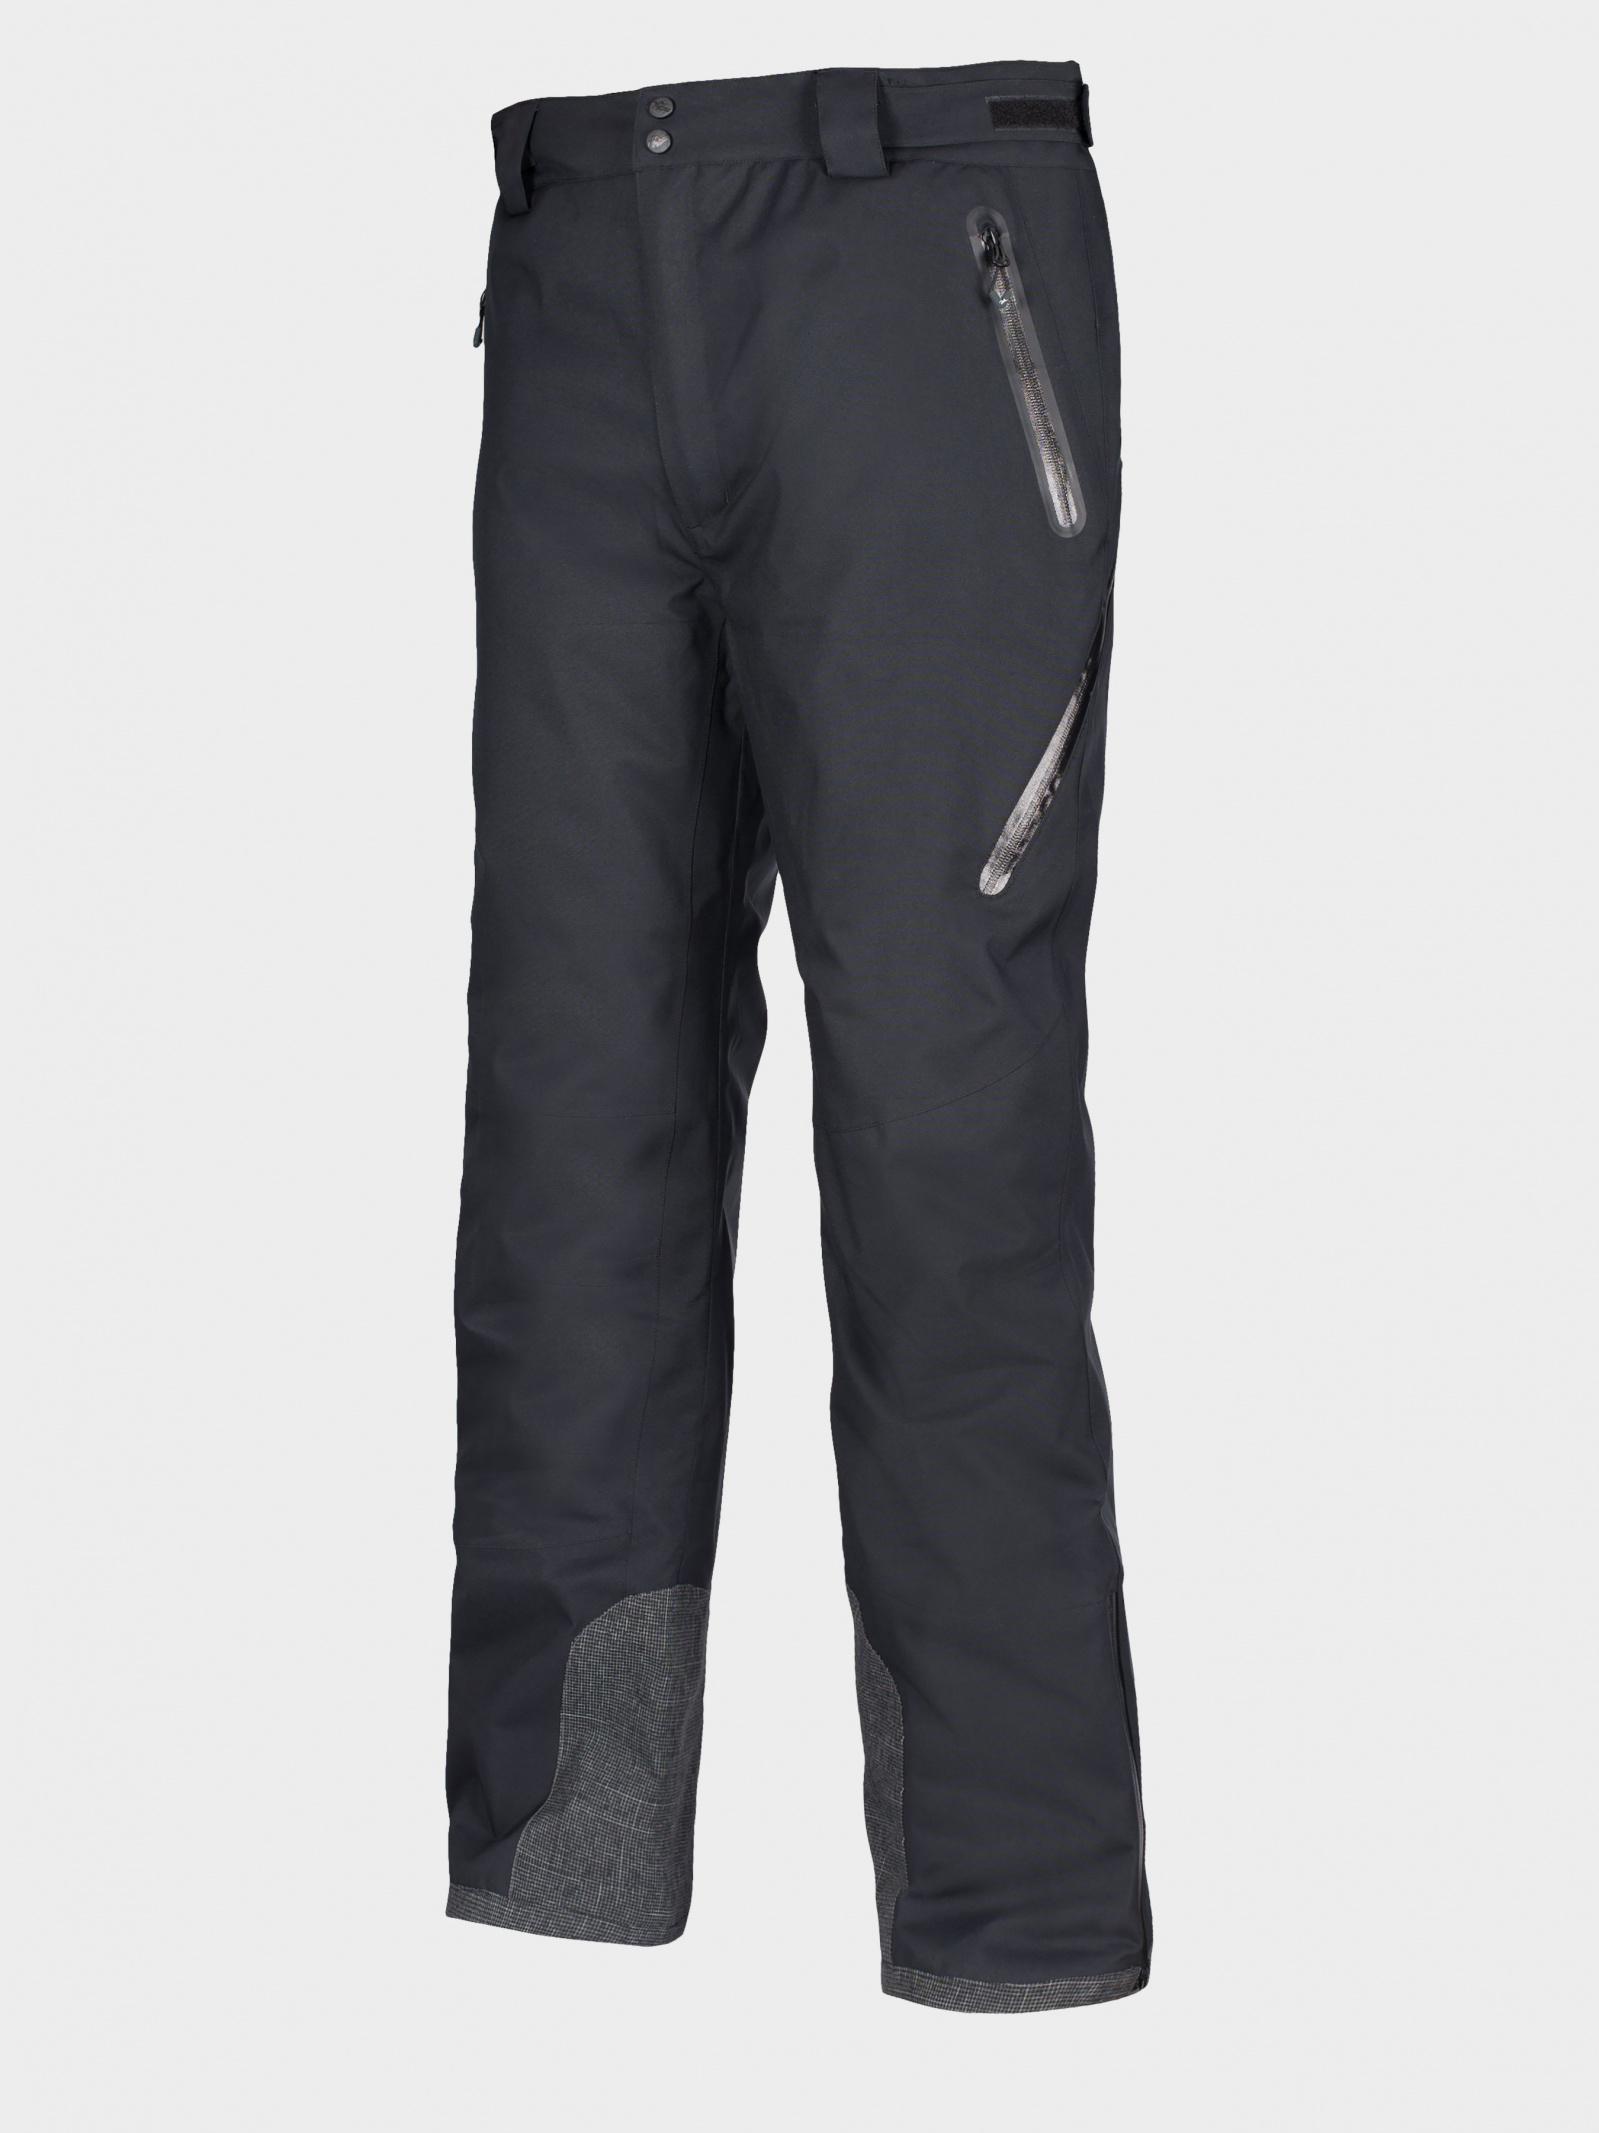 Alpine Сrown Штани лижні чоловічі модель 15032 , 2017